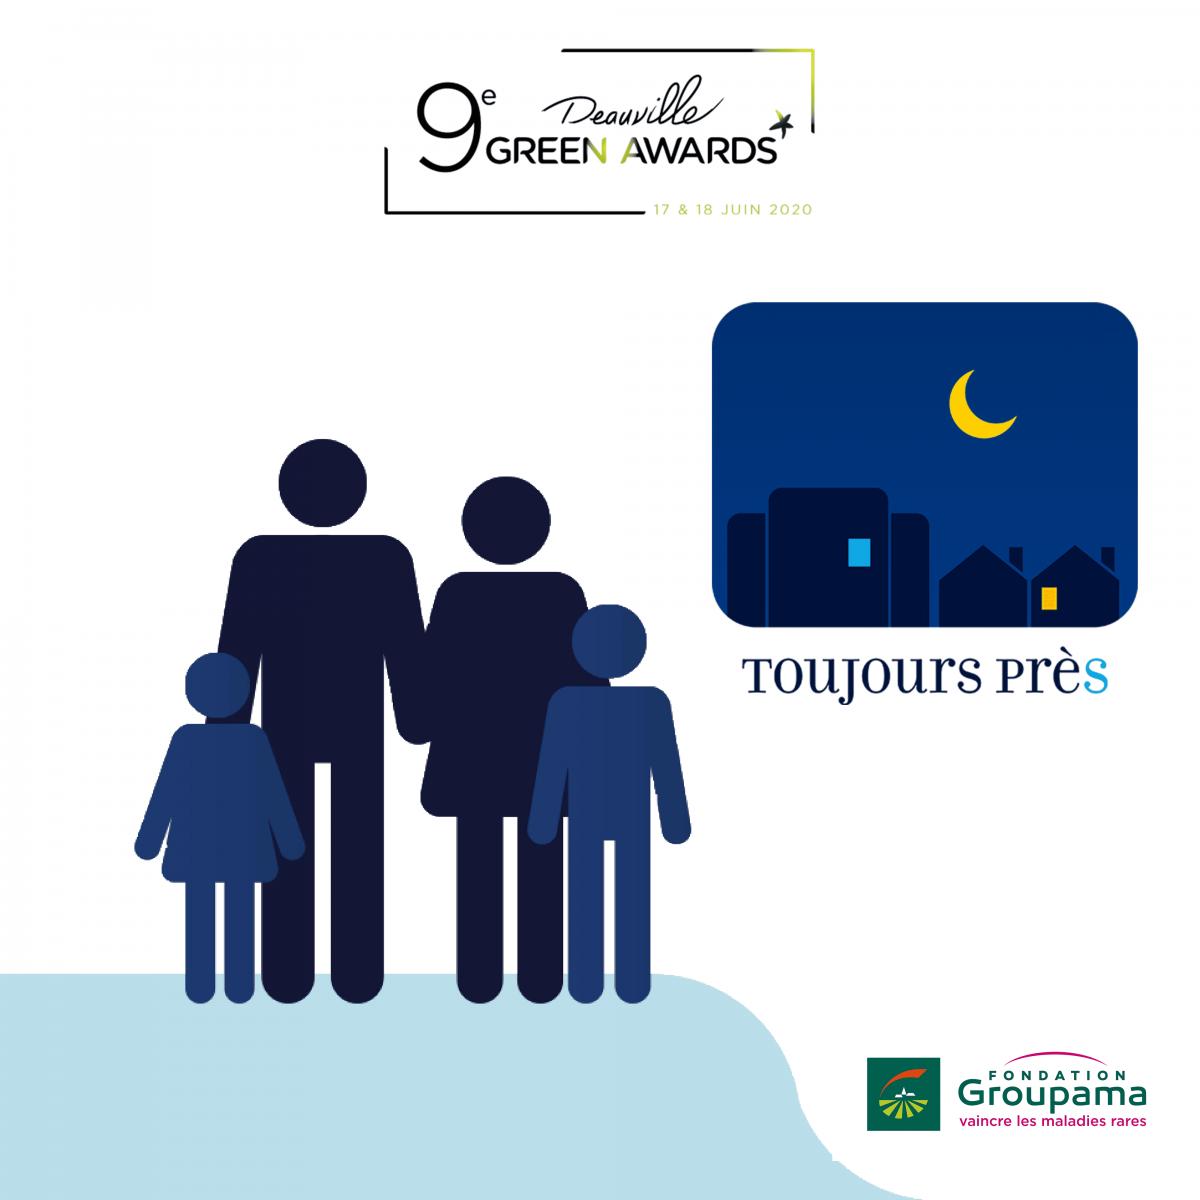 Deauville Green Awards 2020 : Un Trophée d'argent pour le film « Toujours Près »